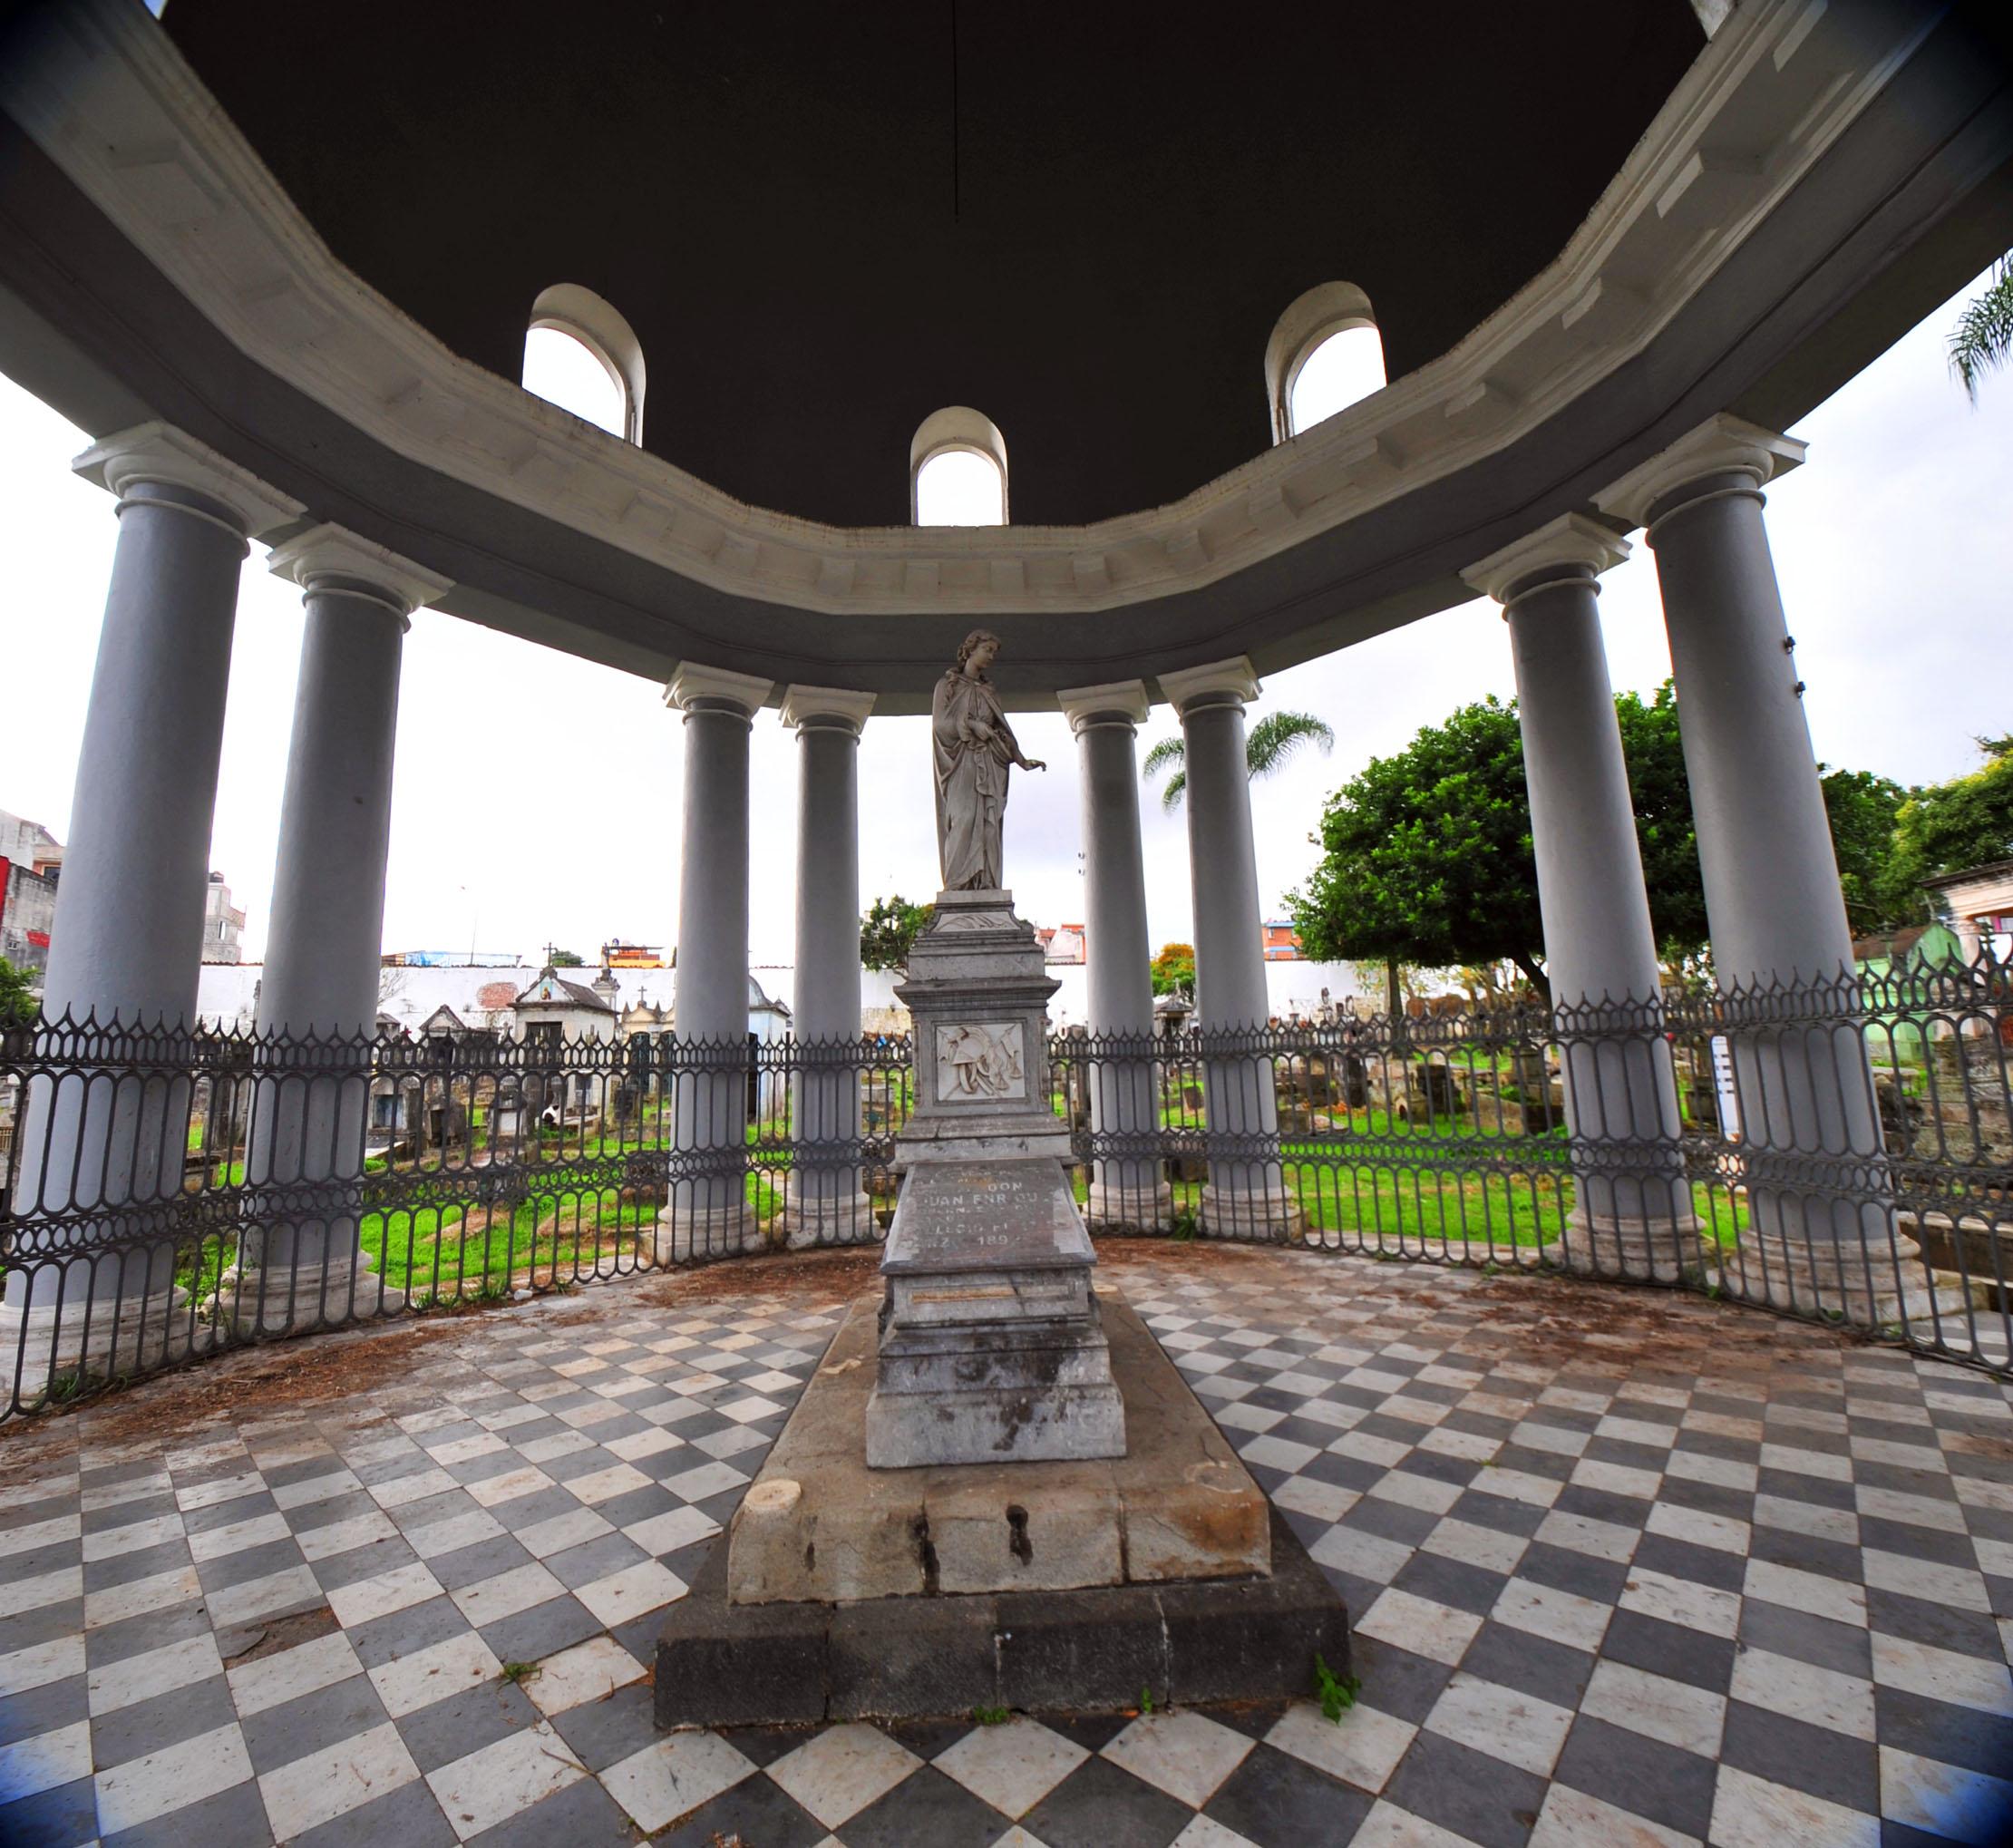 Habrá recorridos gratuitos en el Panteón 5 de Febrero durante verano